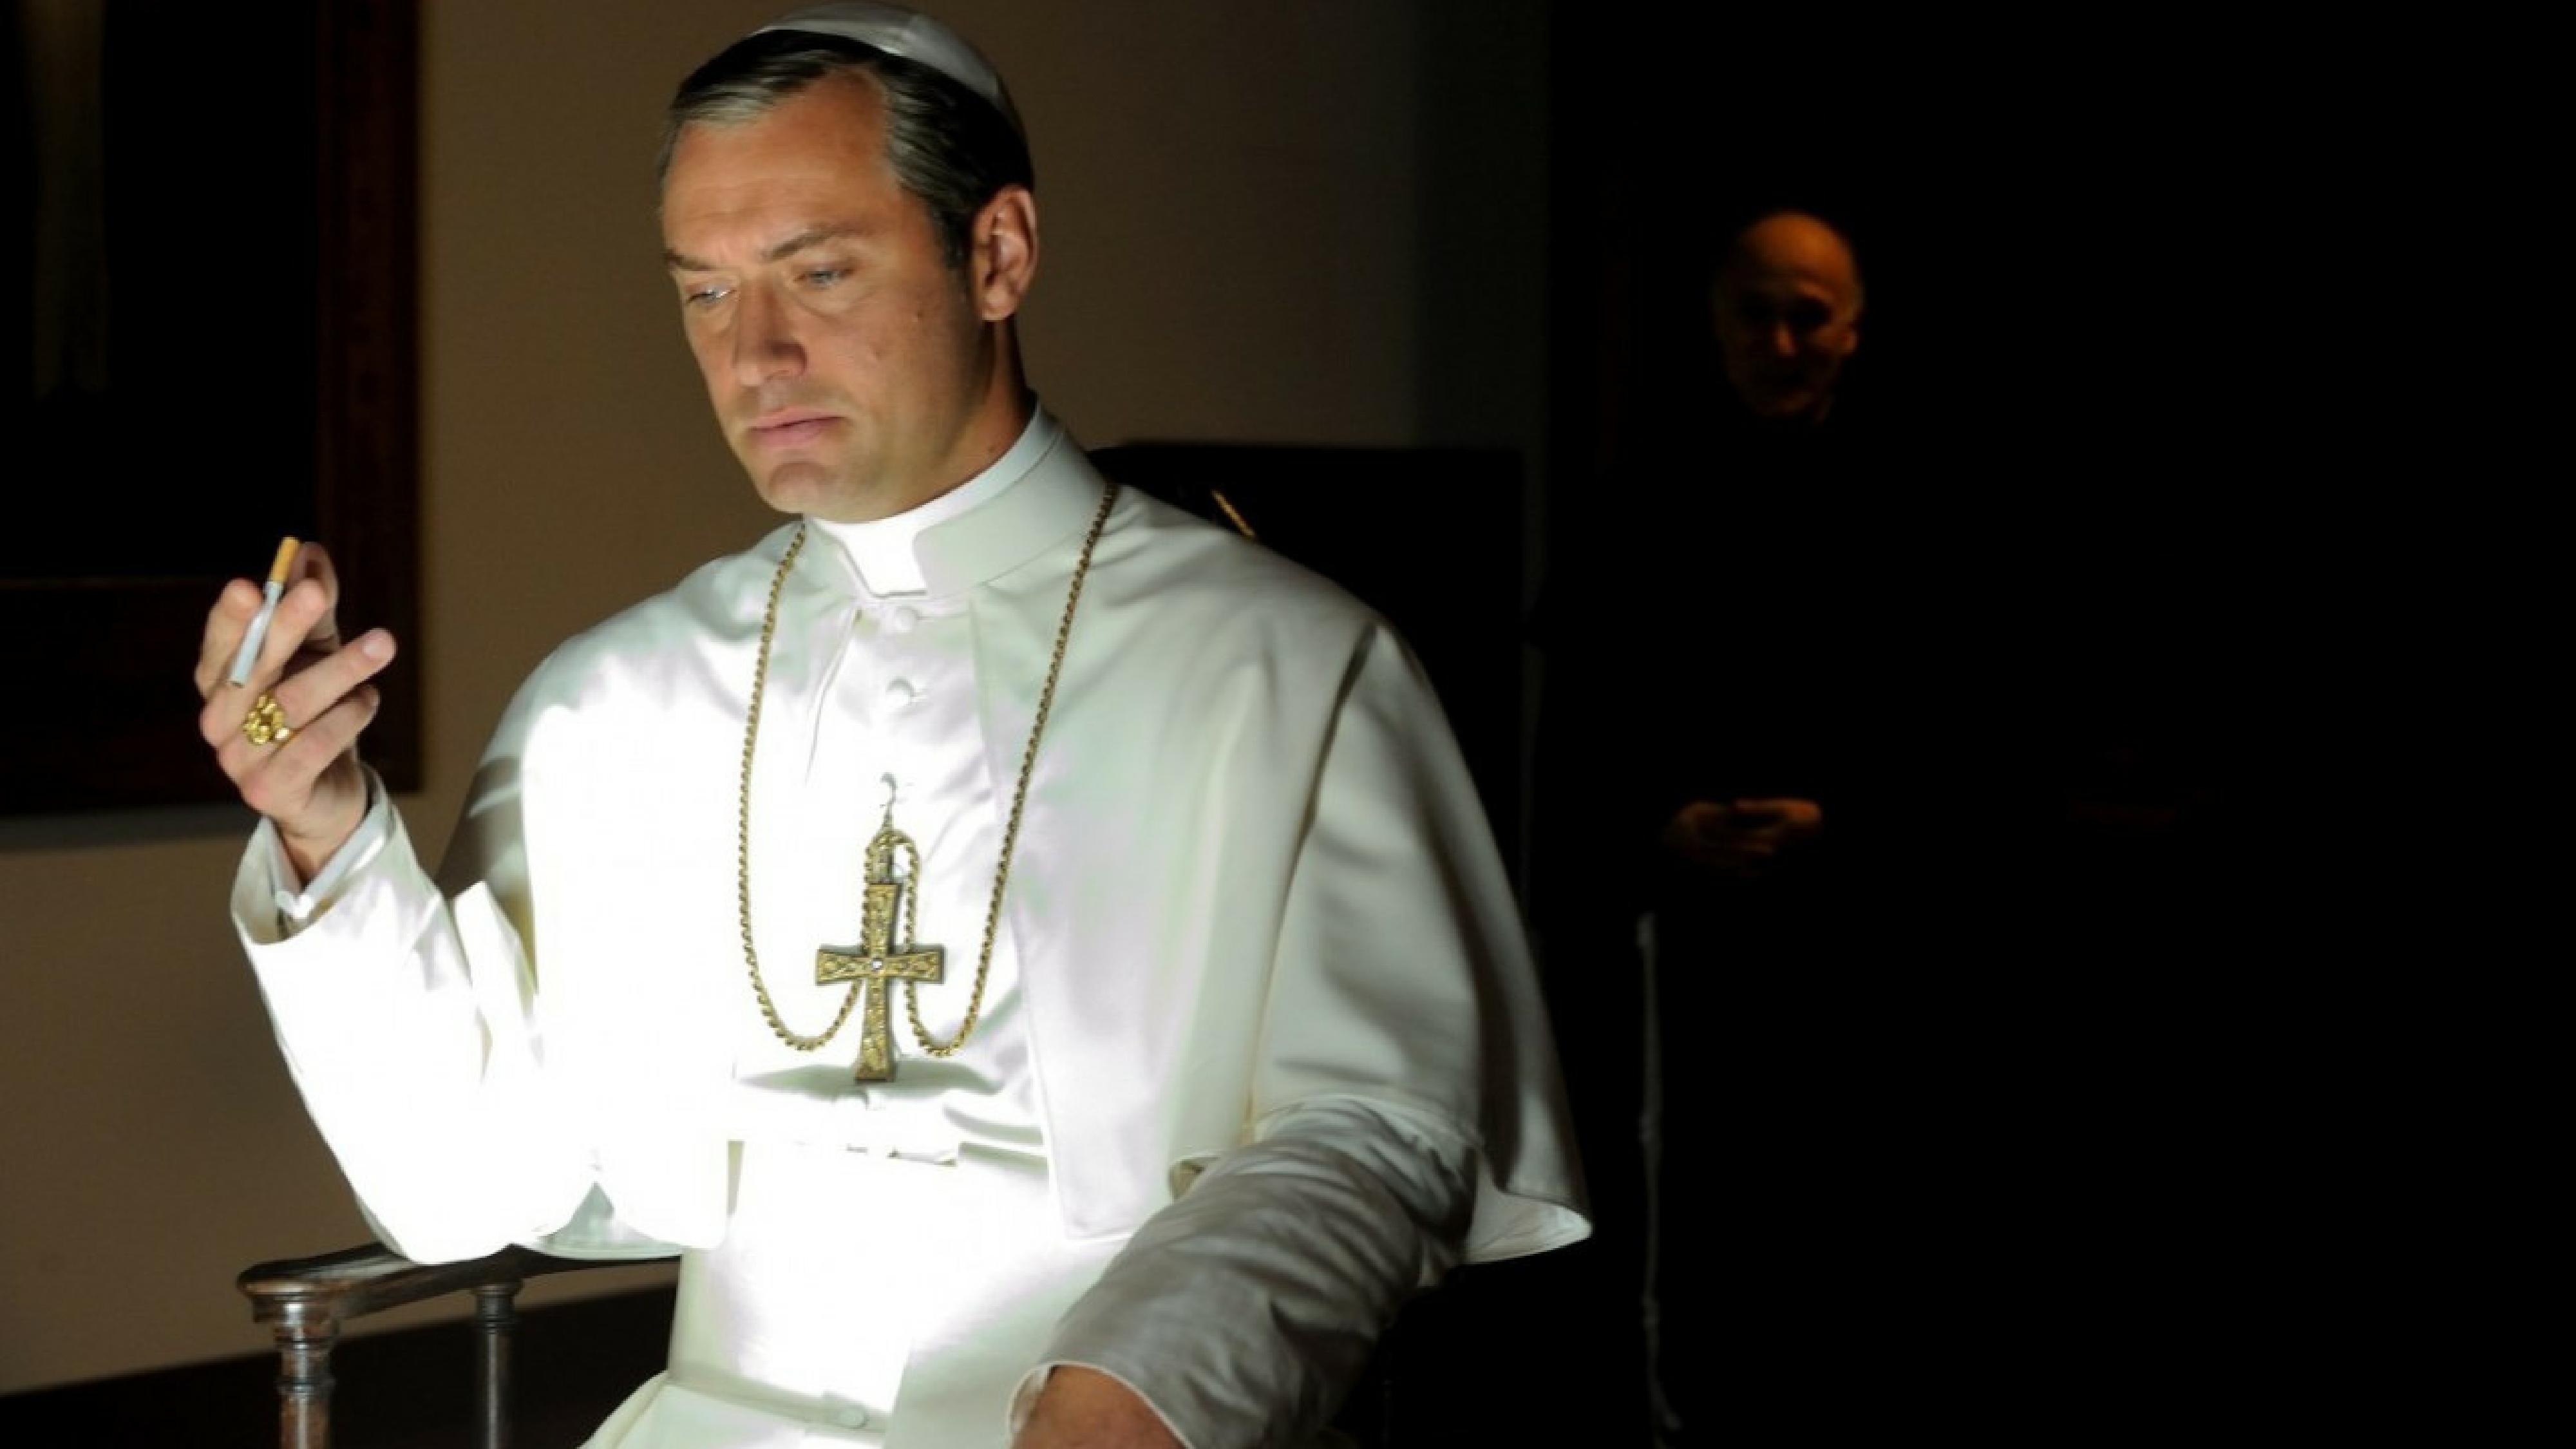 The Young Pope, la biografia dispotica di Paolo Sorrentino